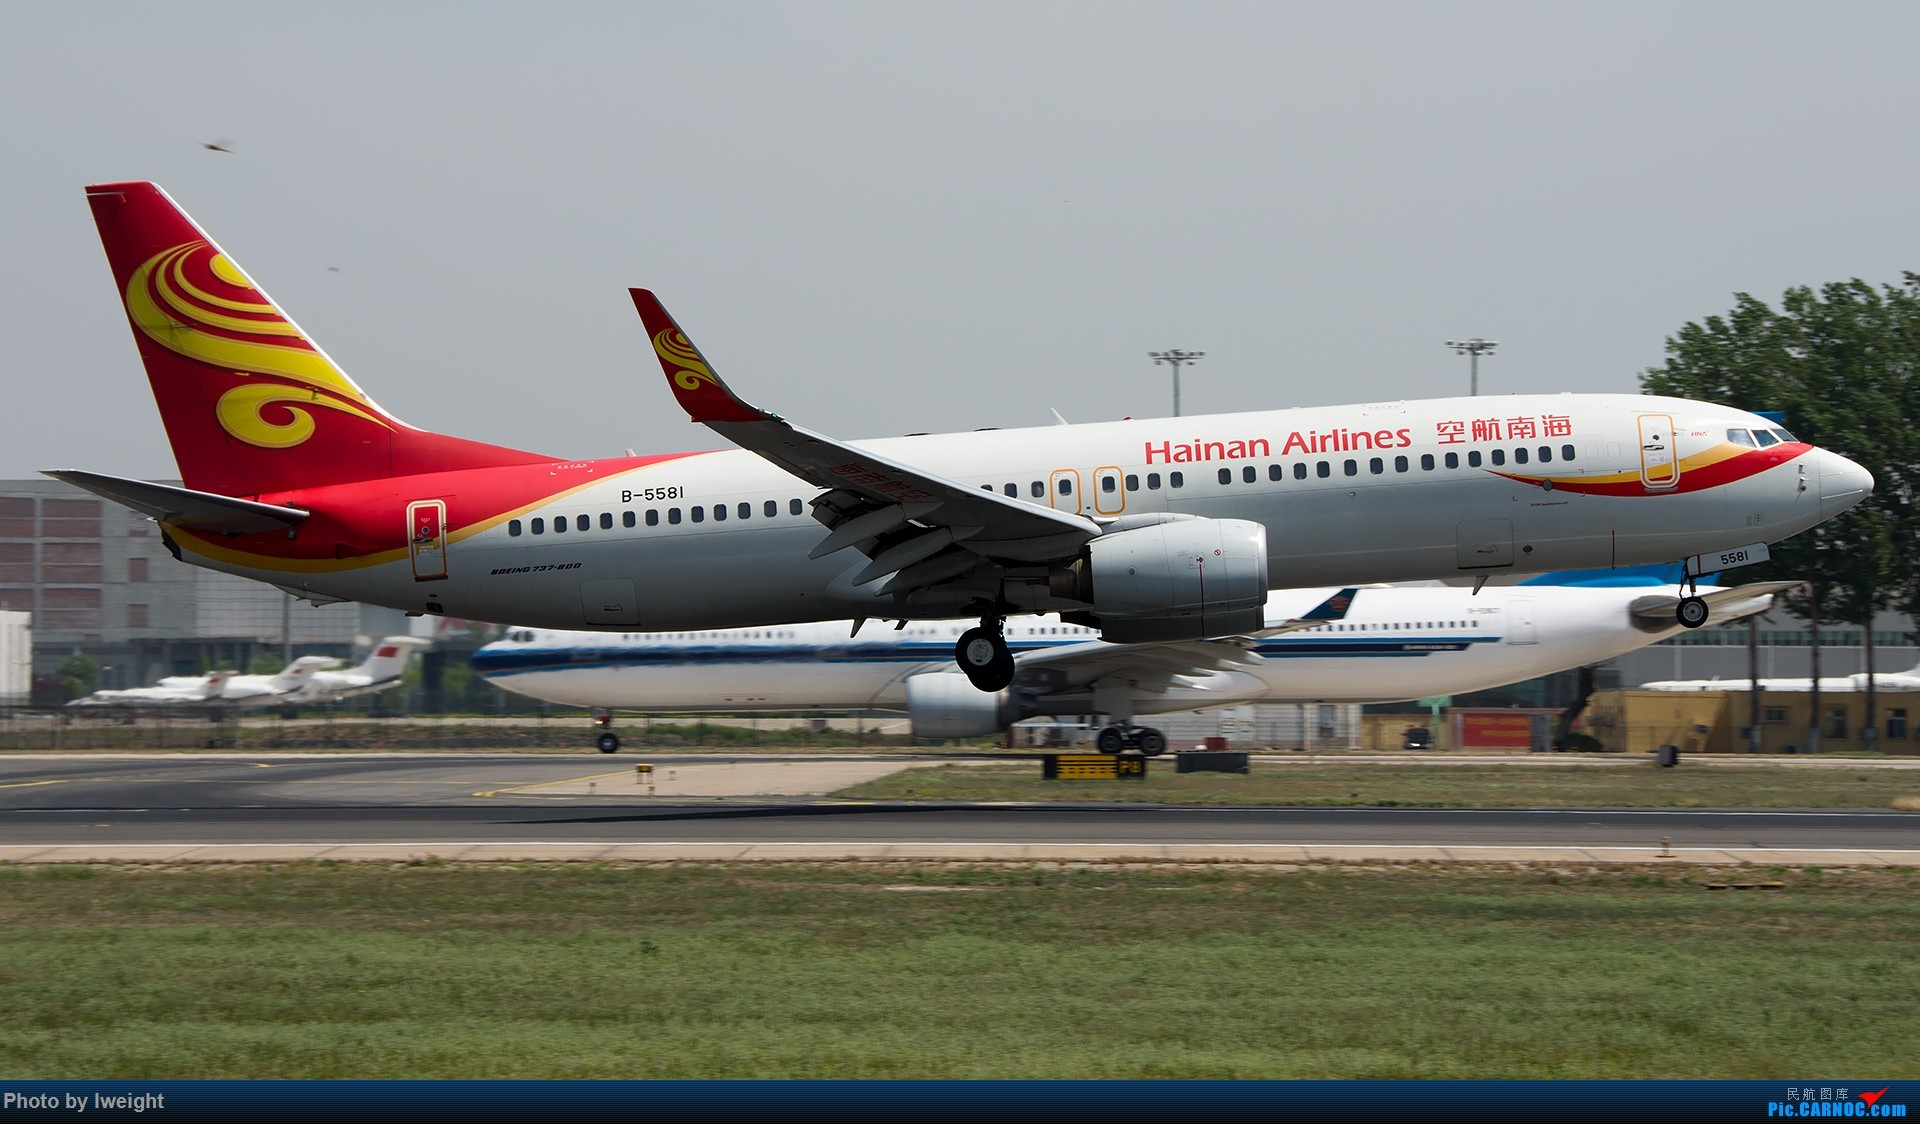 Re:[原创]天气晴朗,继续守候18R【多图】 BOEING 737-800 B-5581 中国北京首都国际机场